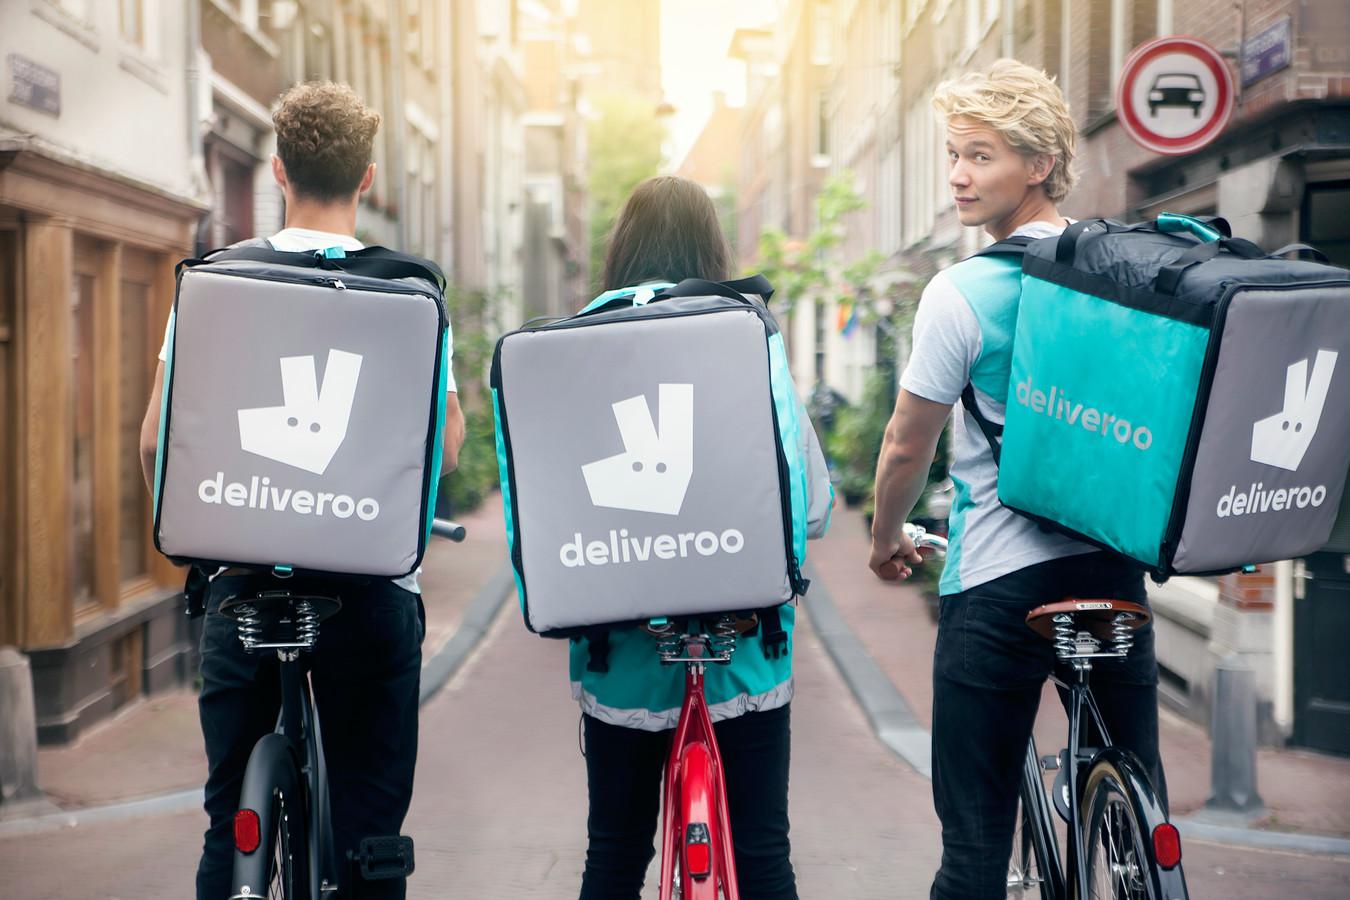 Bezorgers van Deliveroo in Amsterdam